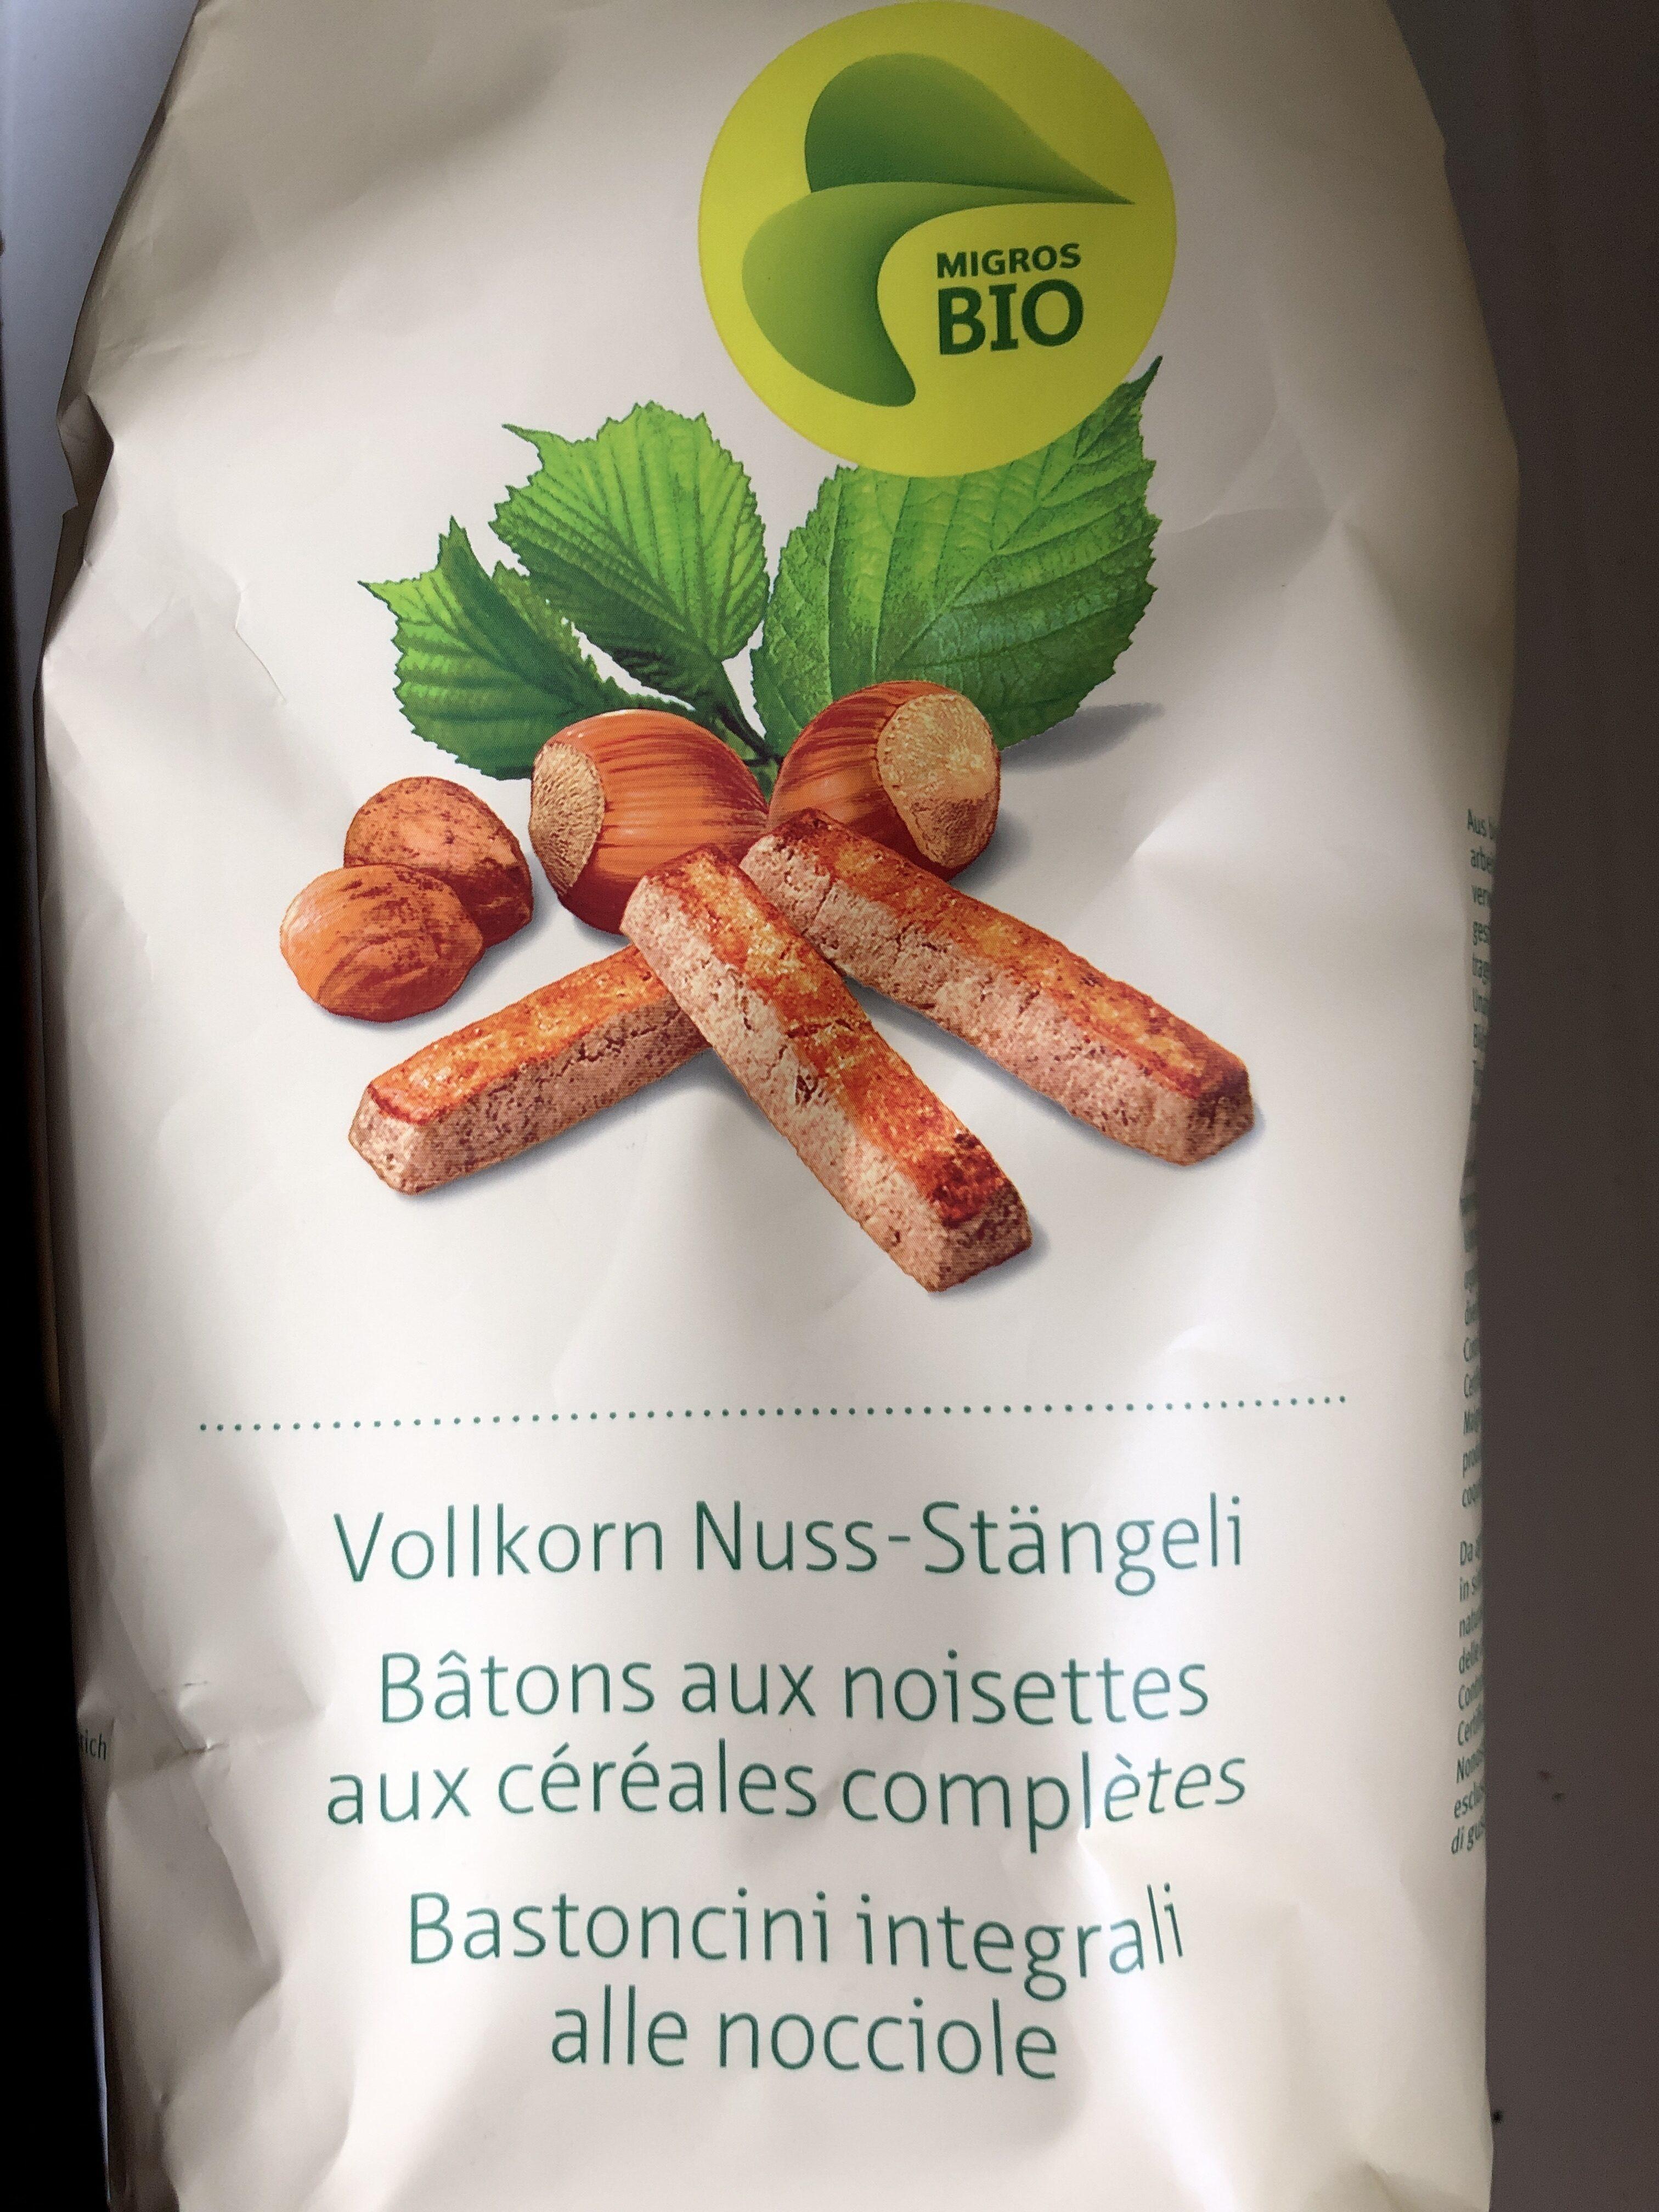 Bâtons aux noisettes aux céréales complètes - Produit - fr